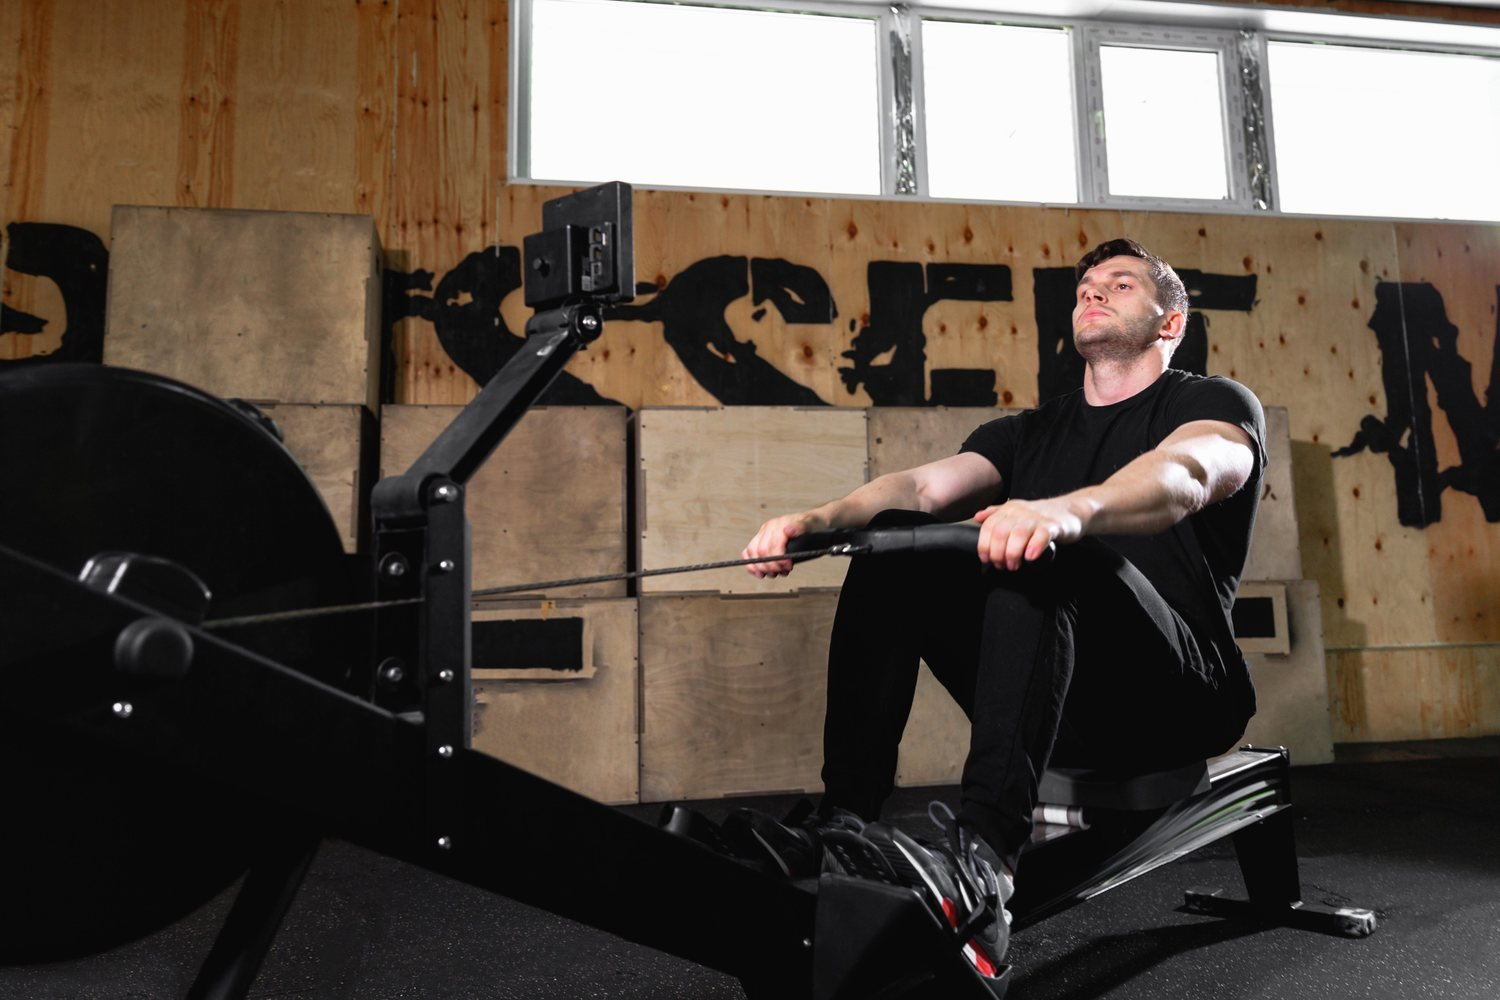 La máquina de remo es una de las más completas para entrenarse en el gimnasio.